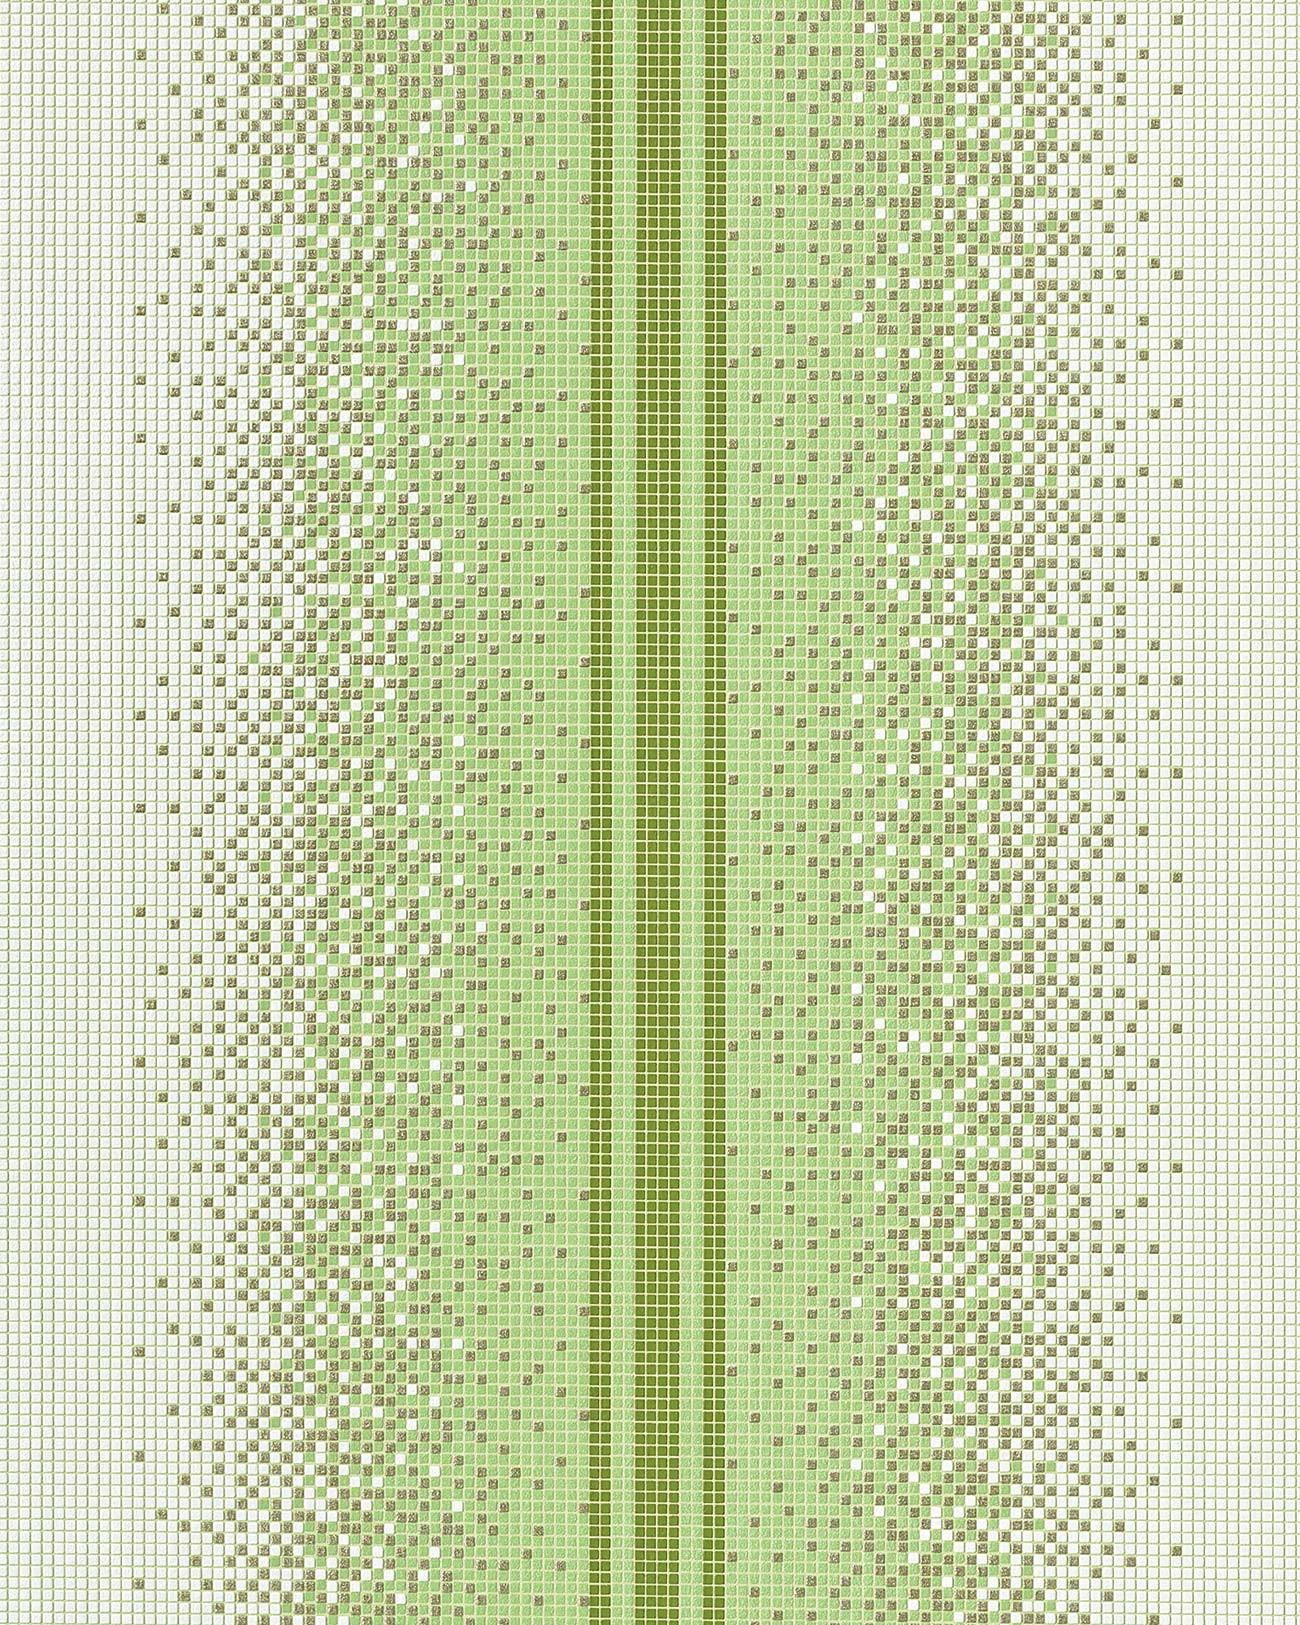 Full Size of Abwaschbare Tapete Streifen Edem 1023 15 Design Mosaik Steinchen Muster Fototapete Fenster Tapeten Für Die Küche Schlafzimmer Wohnzimmer Fototapeten Ideen Wohnzimmer Abwaschbare Tapete